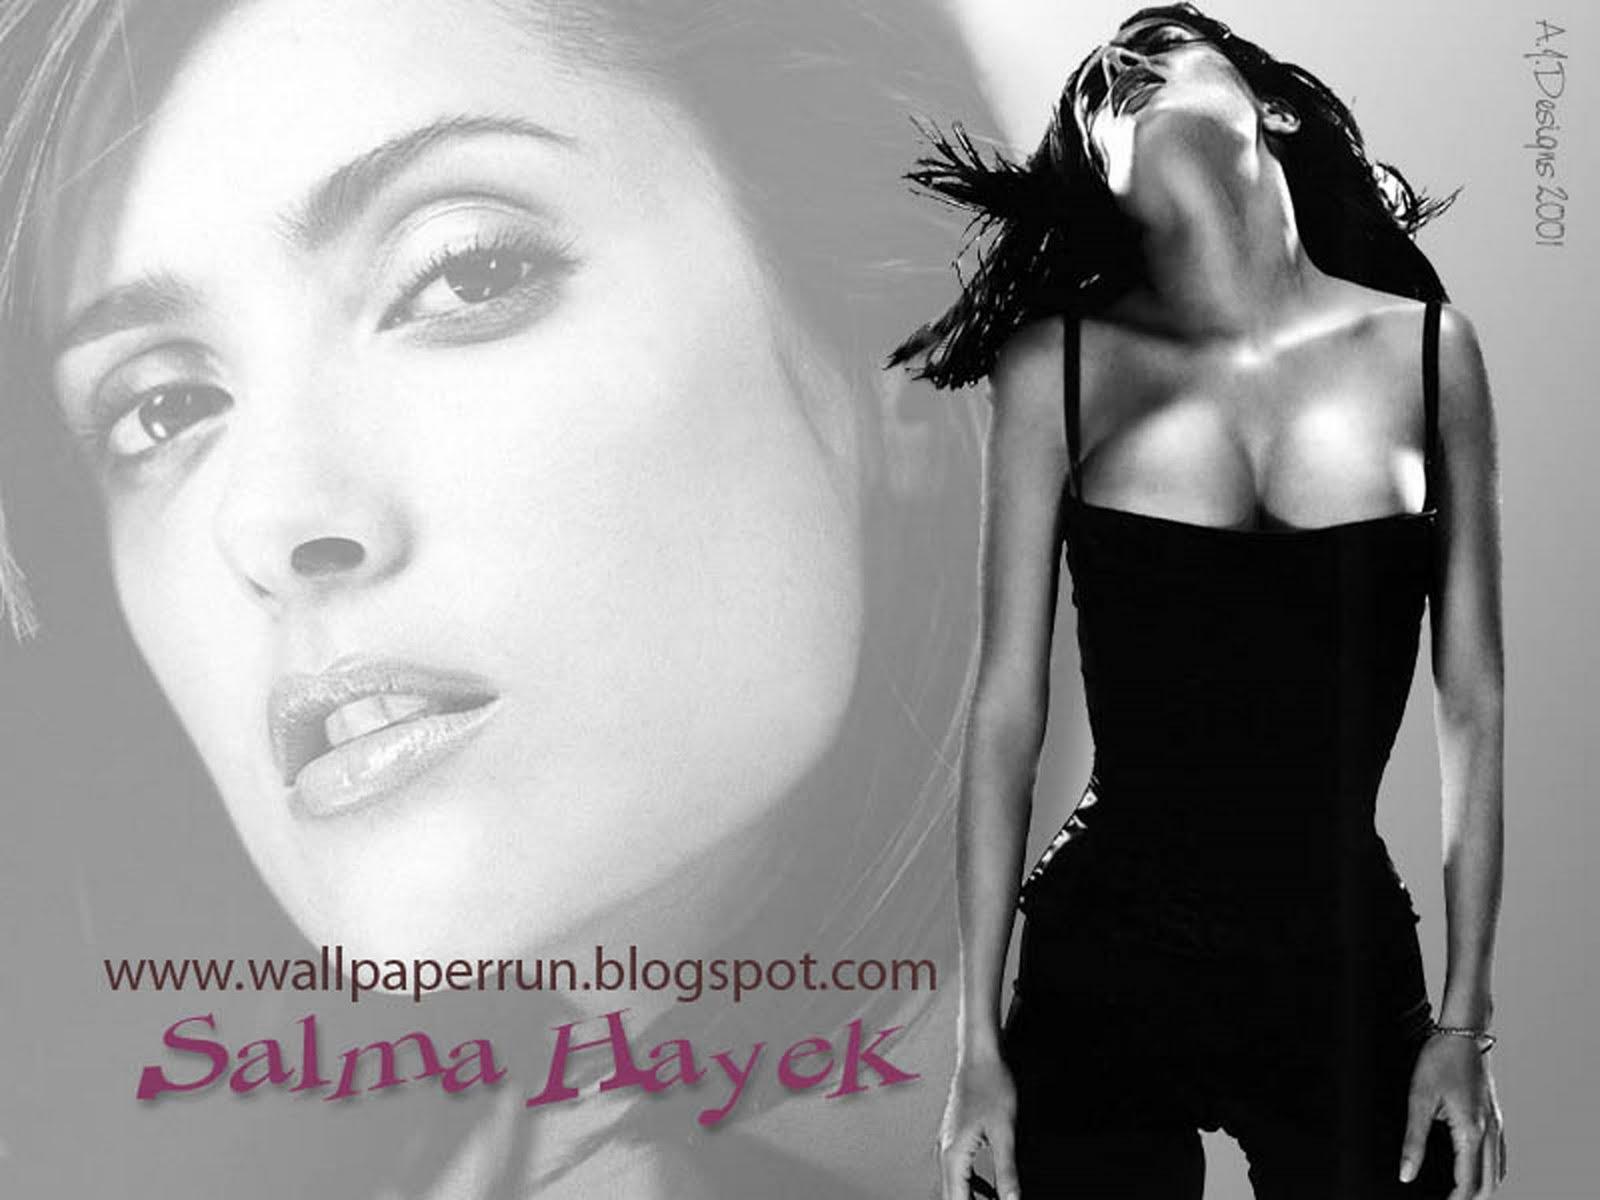 http://4.bp.blogspot.com/_4n-LqfuTEa0/TBmbyFWogaI/AAAAAAAAA8Y/pHRr7iyFJn4/s1600/Salma+Hayek_00Rb_1+%287%29.jpg